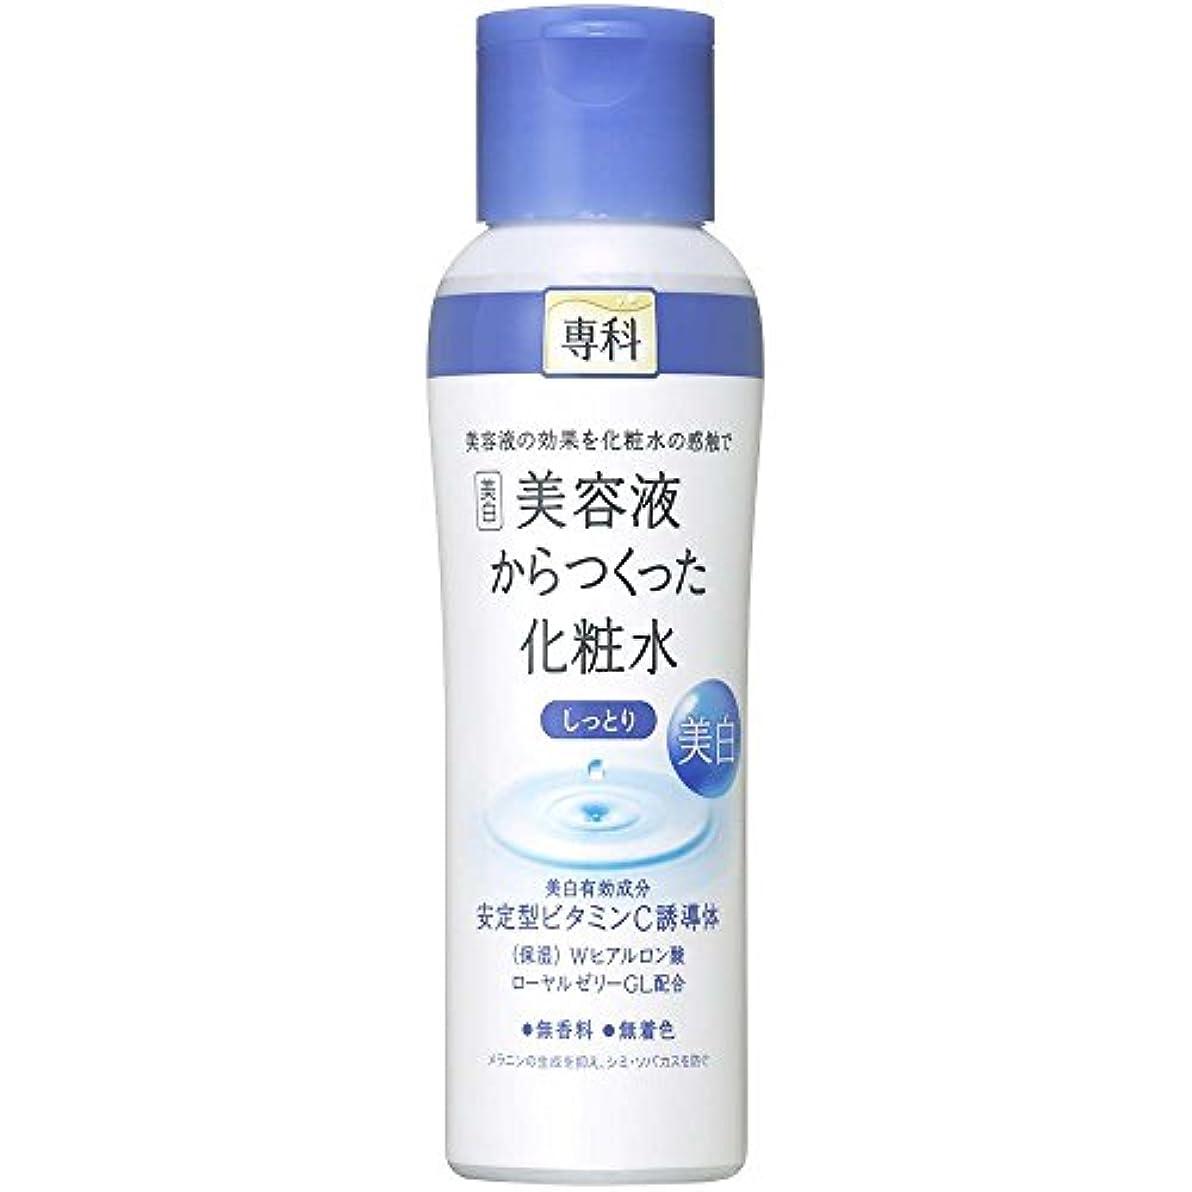 読む裁定美容師【アウトレット品】専科 美容液からつくった化粧水(しっとり)